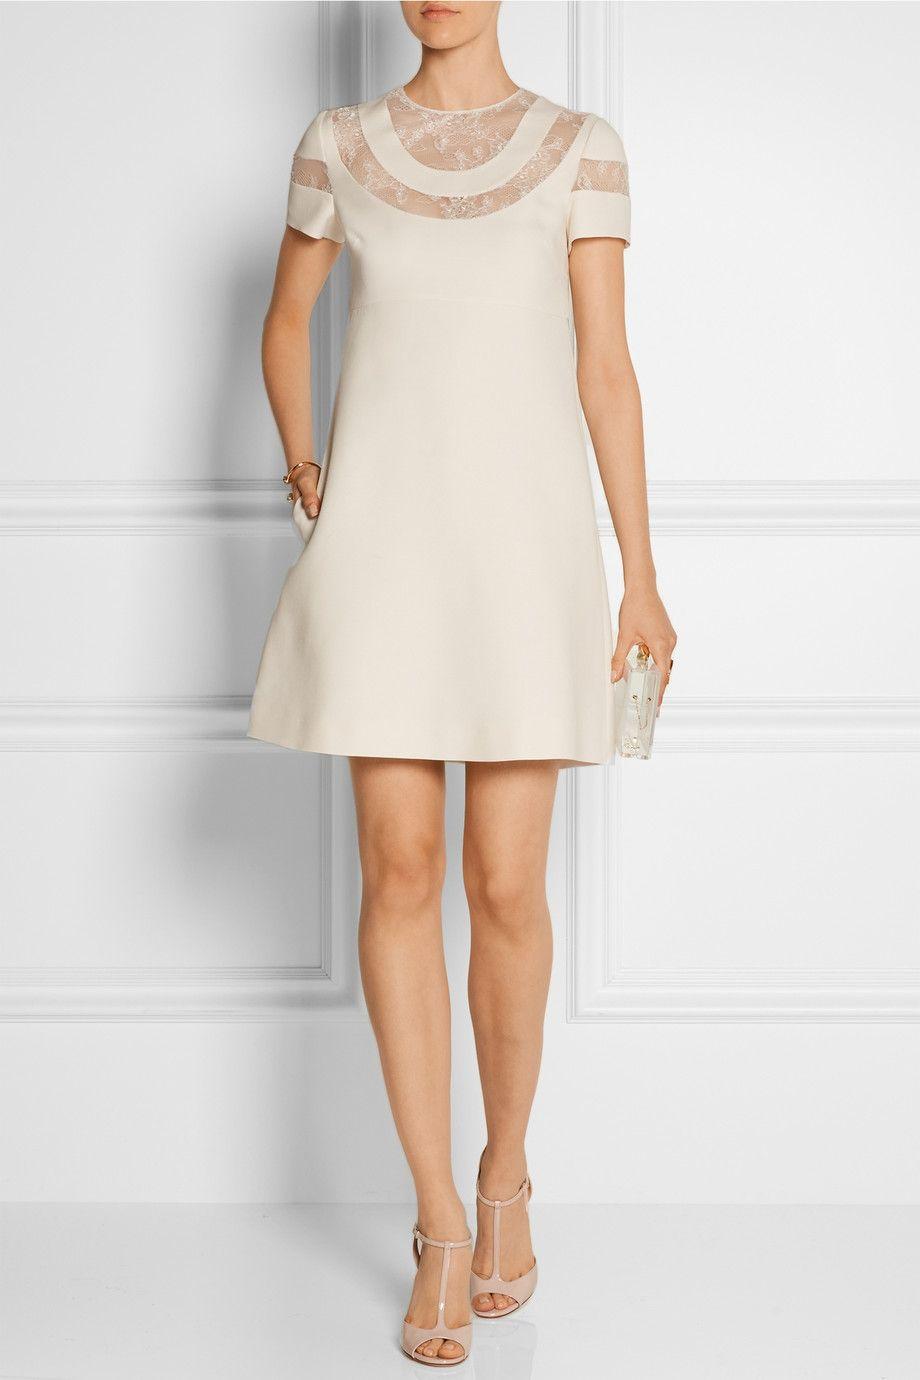 4a67a7e9cbe5 Valentino - Mini-robe en laine et crêpe de soie avec empiècements en  dentelle